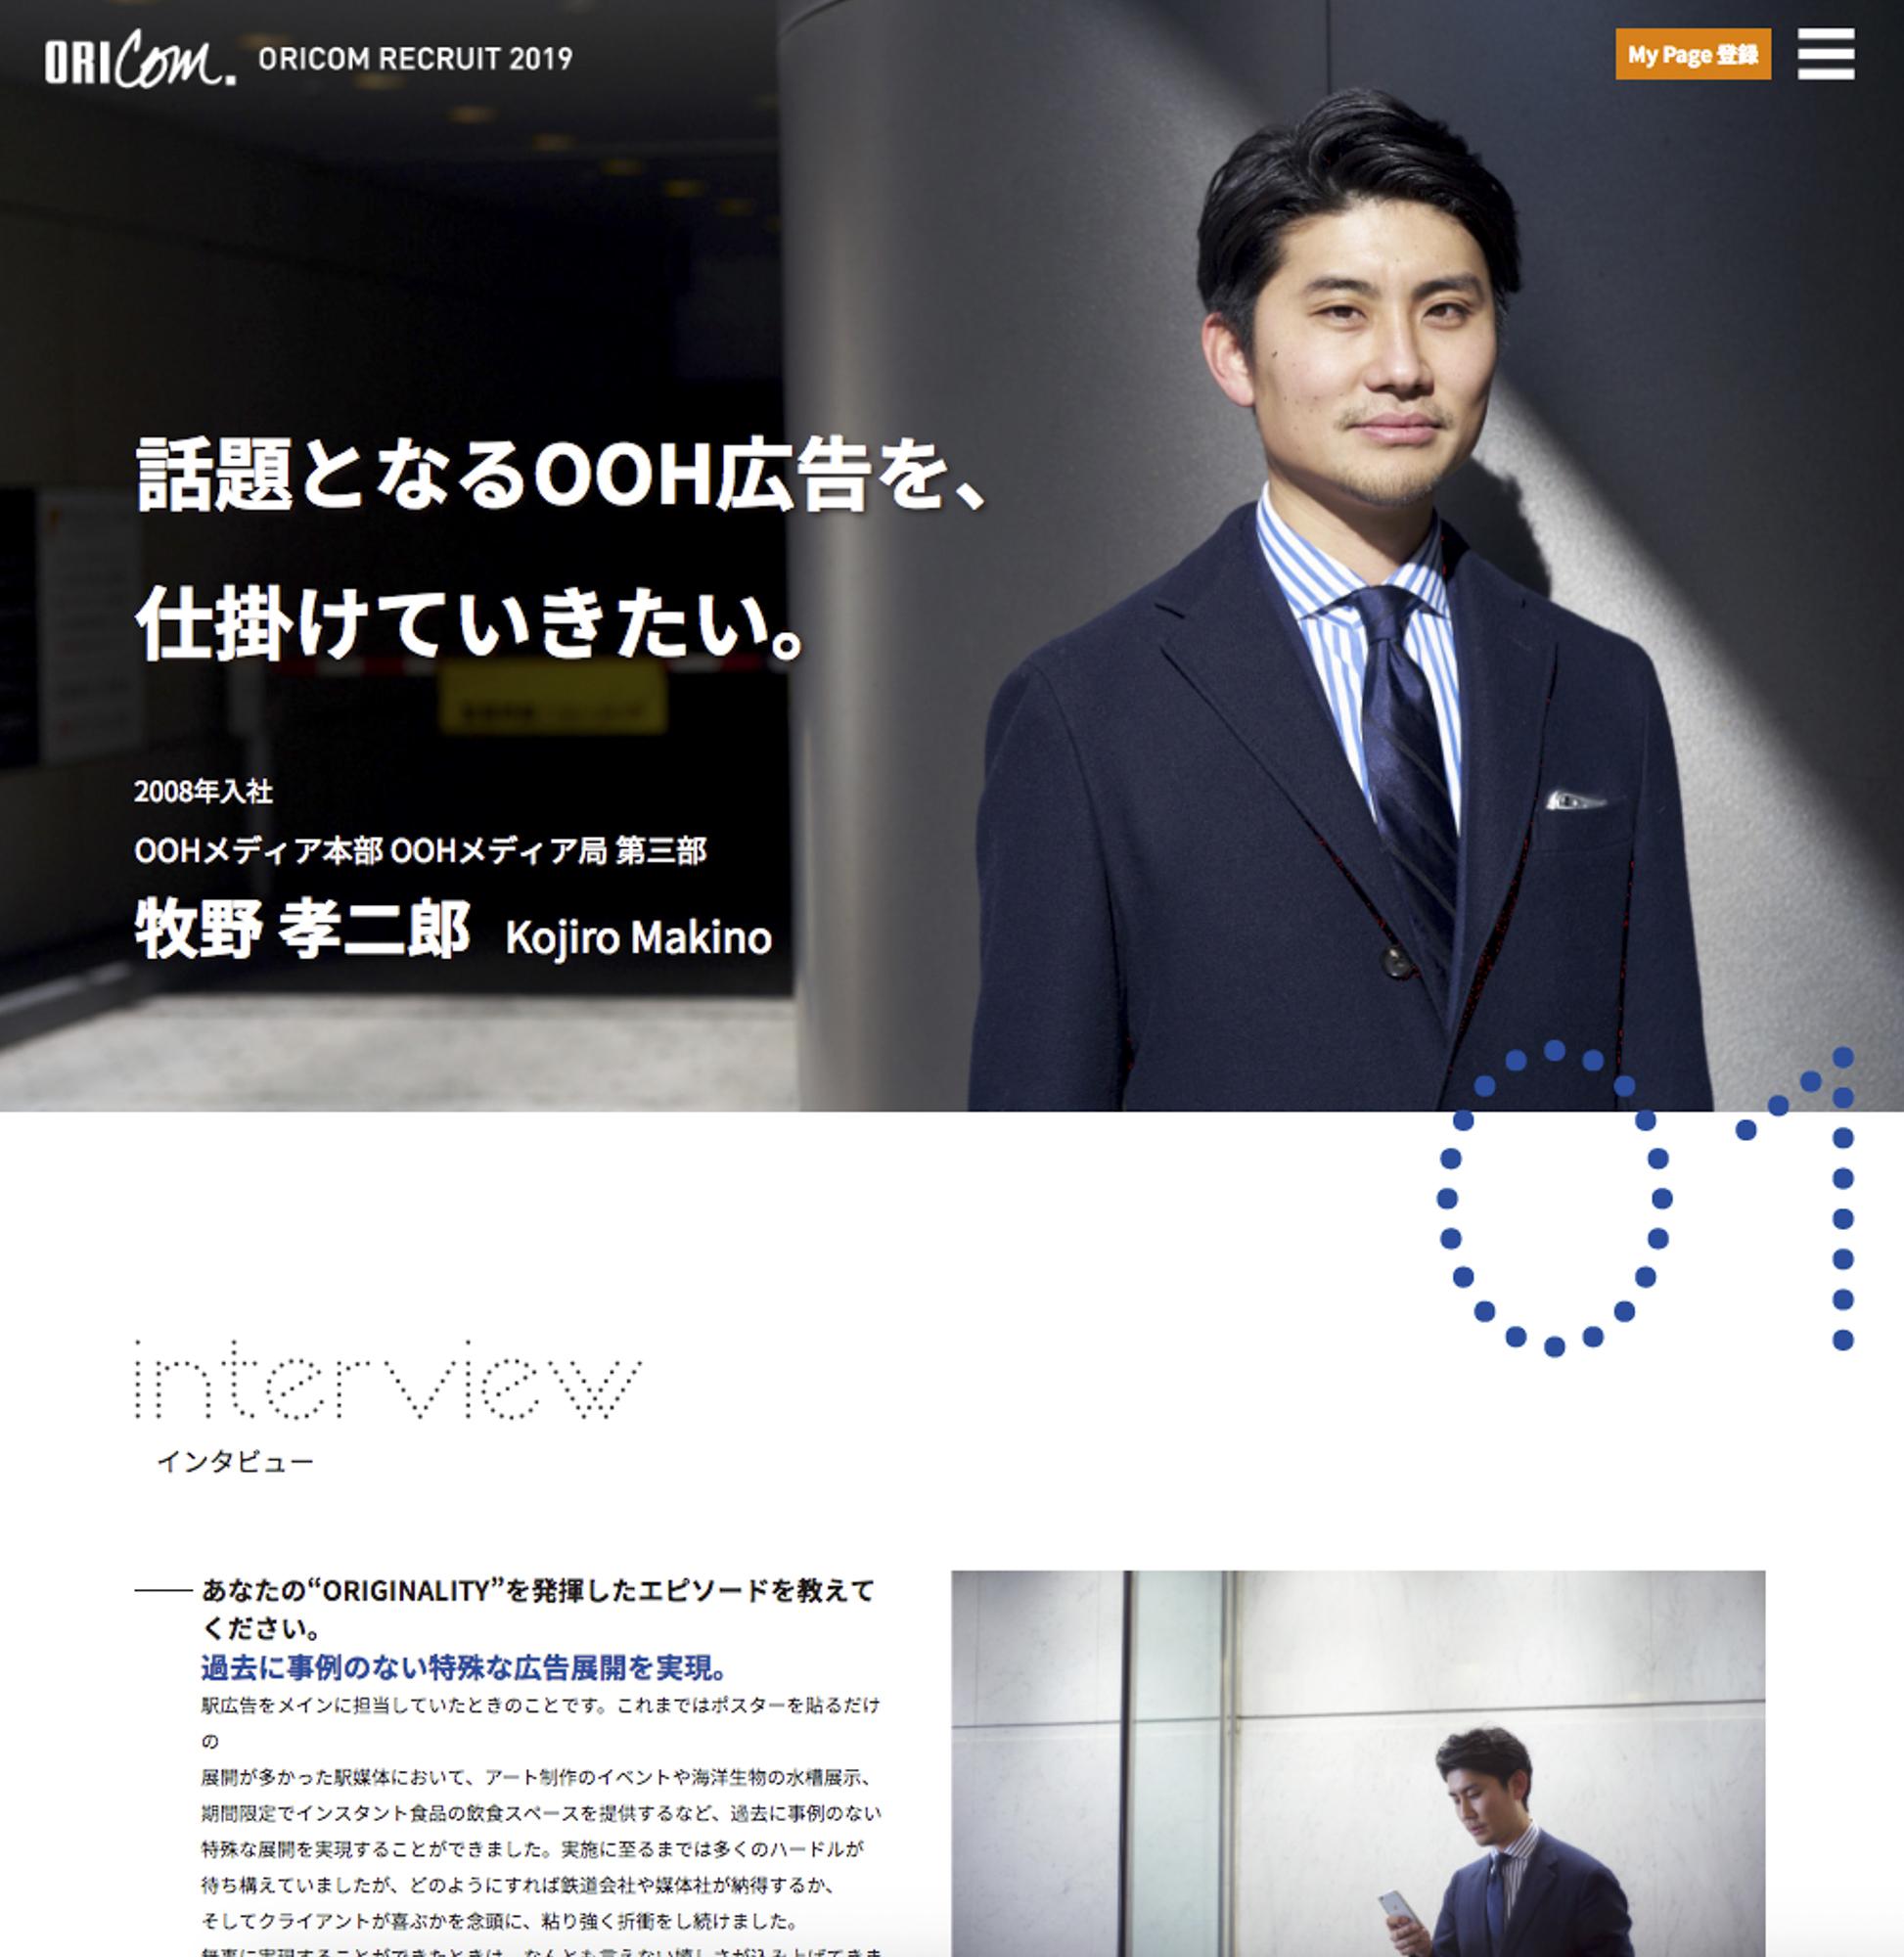 「株式会社オリコム」2019新卒サイト   http://www.oricom.co.jp/recruit/newgra/index.html